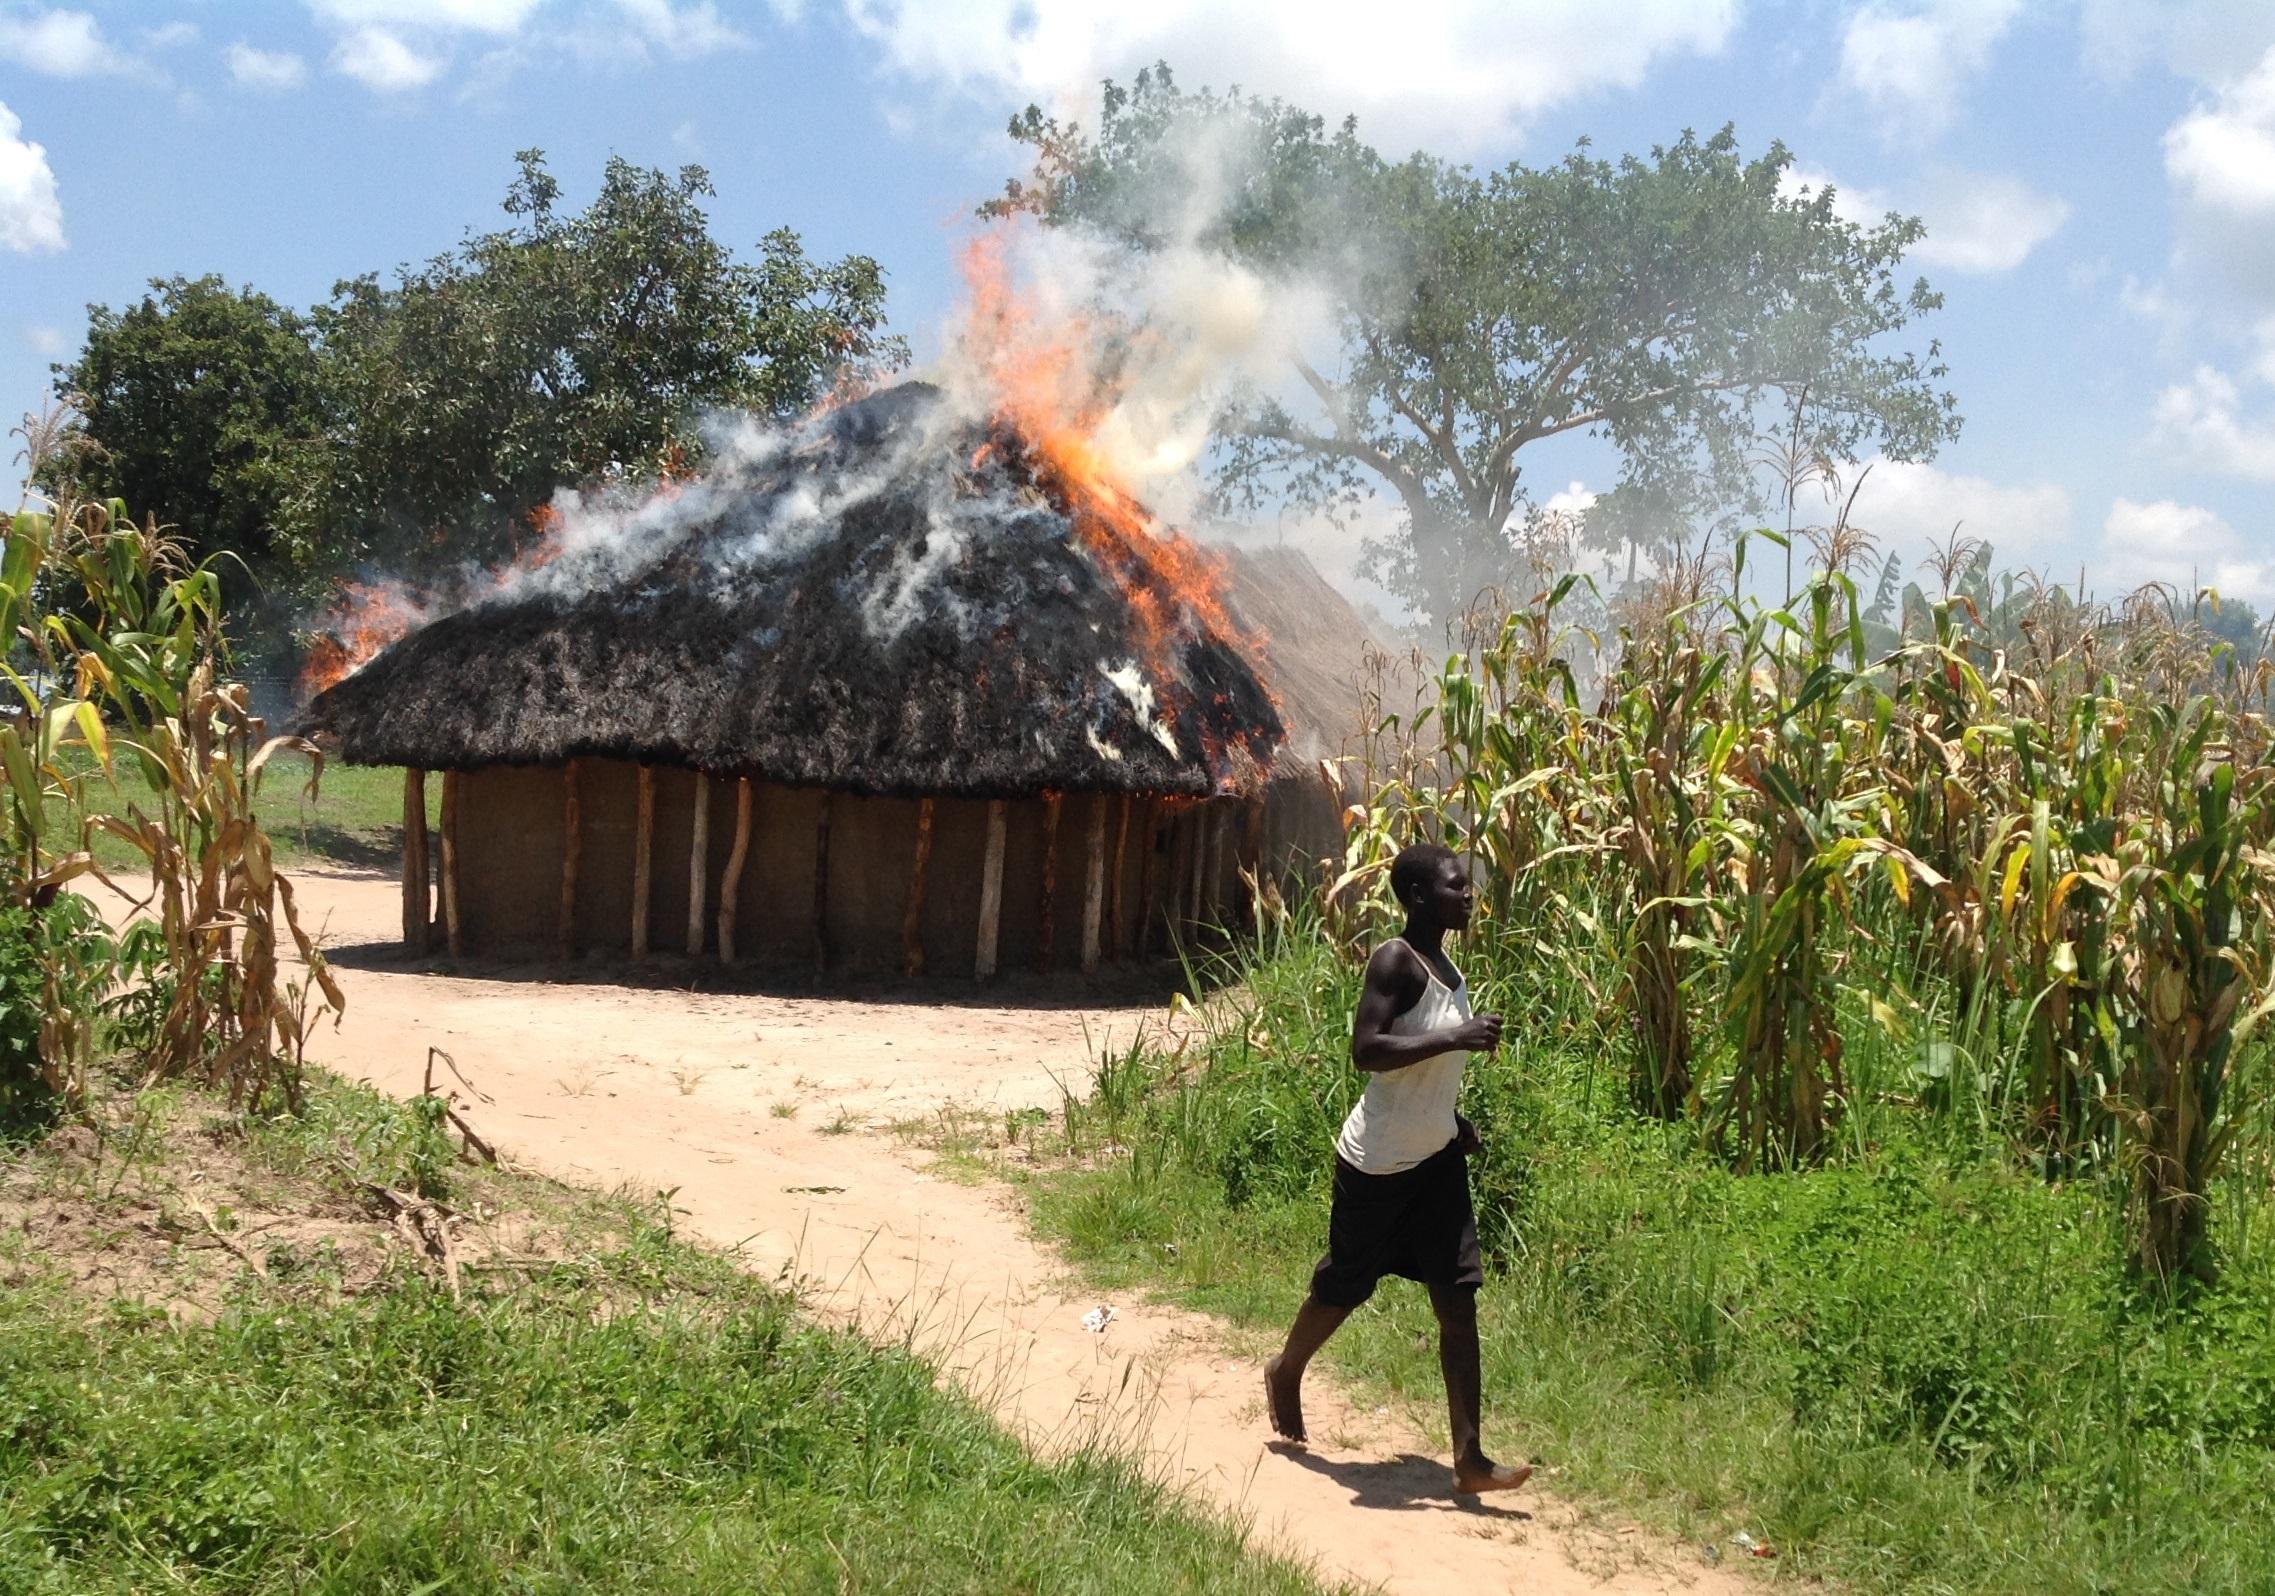 Moyo burning hut